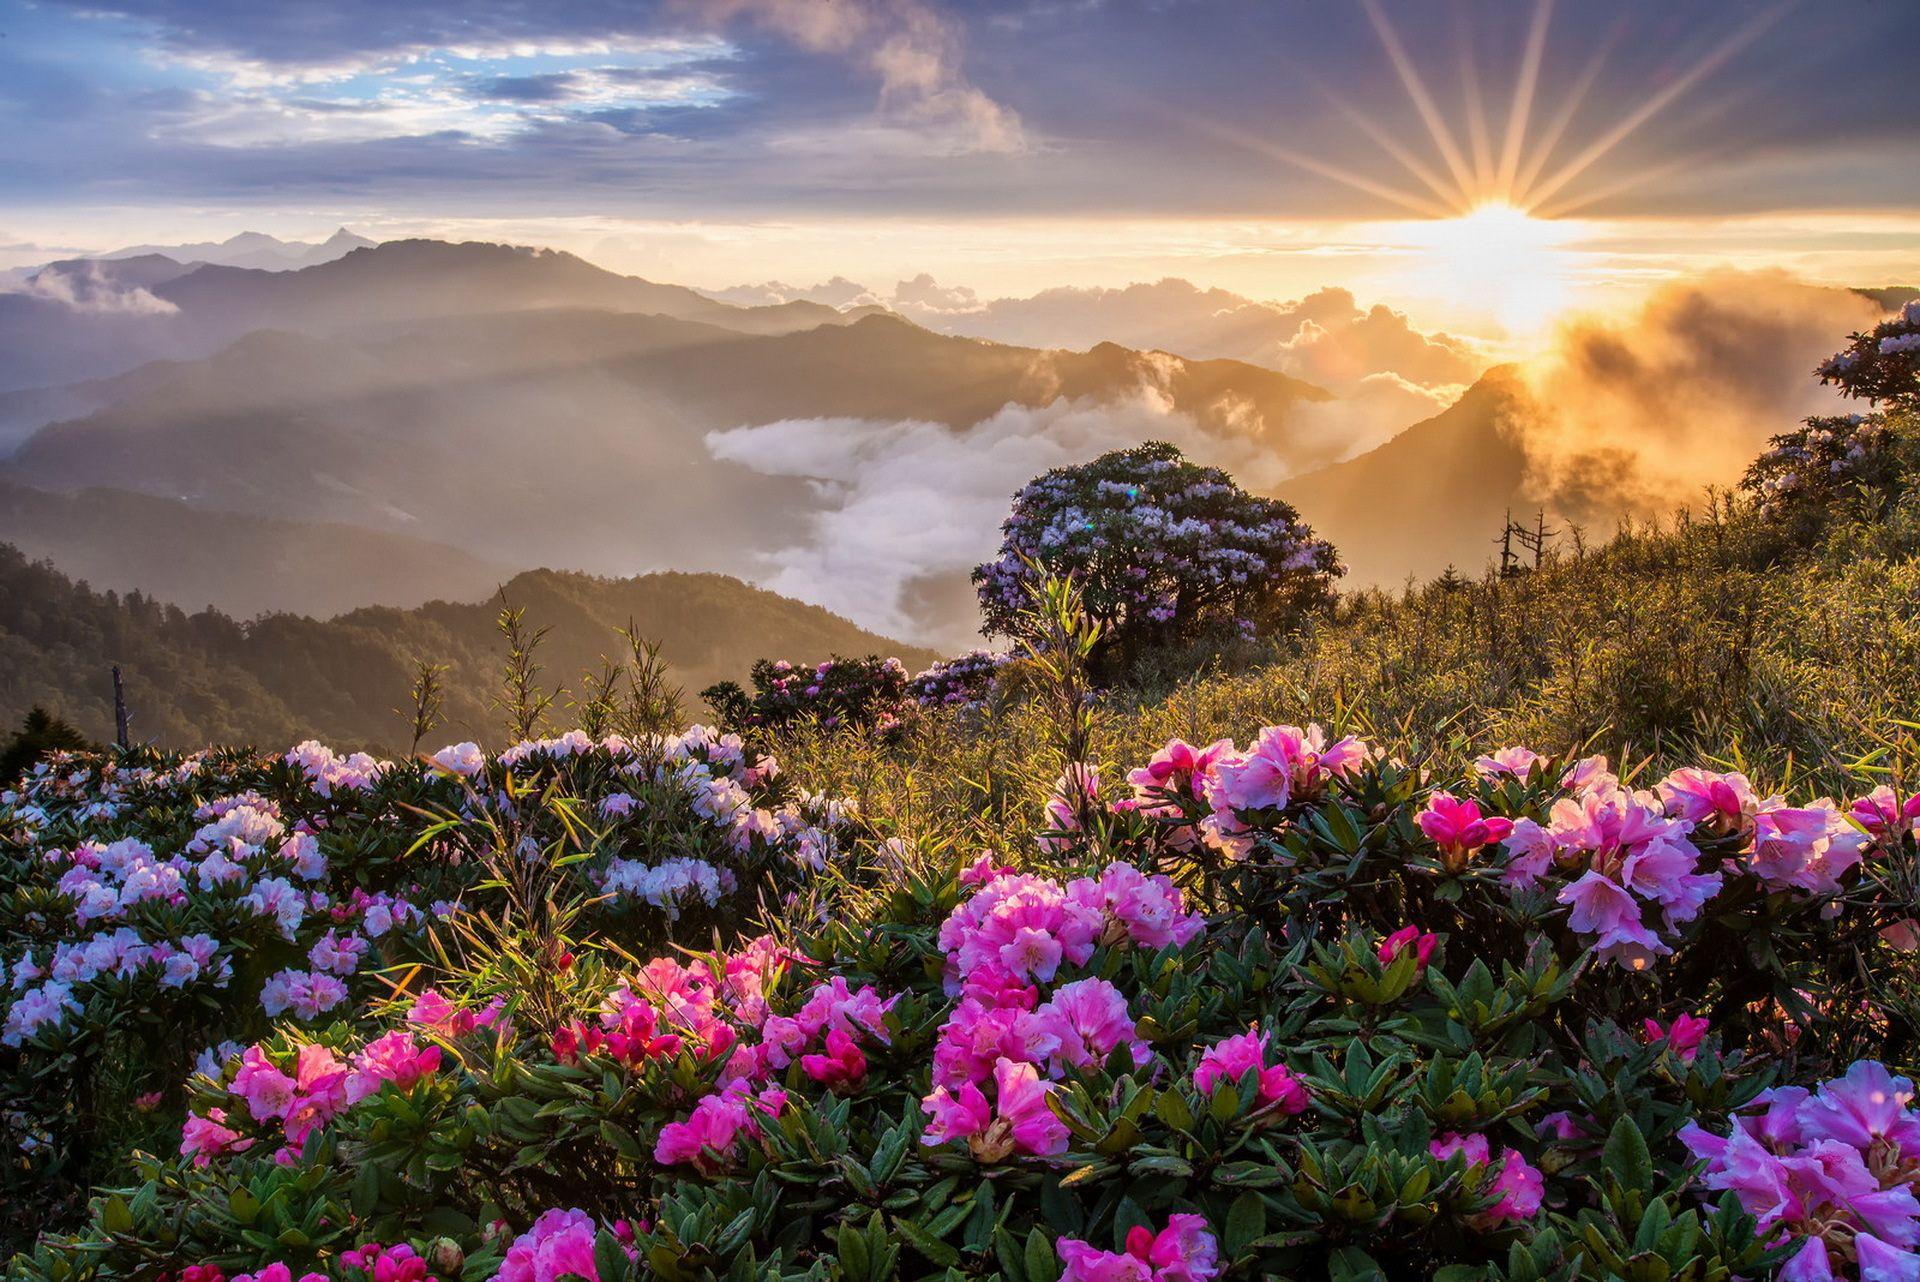 Terre Nature Paysage Rayon De Soleil Soleil Pink Flower Fleur Nature